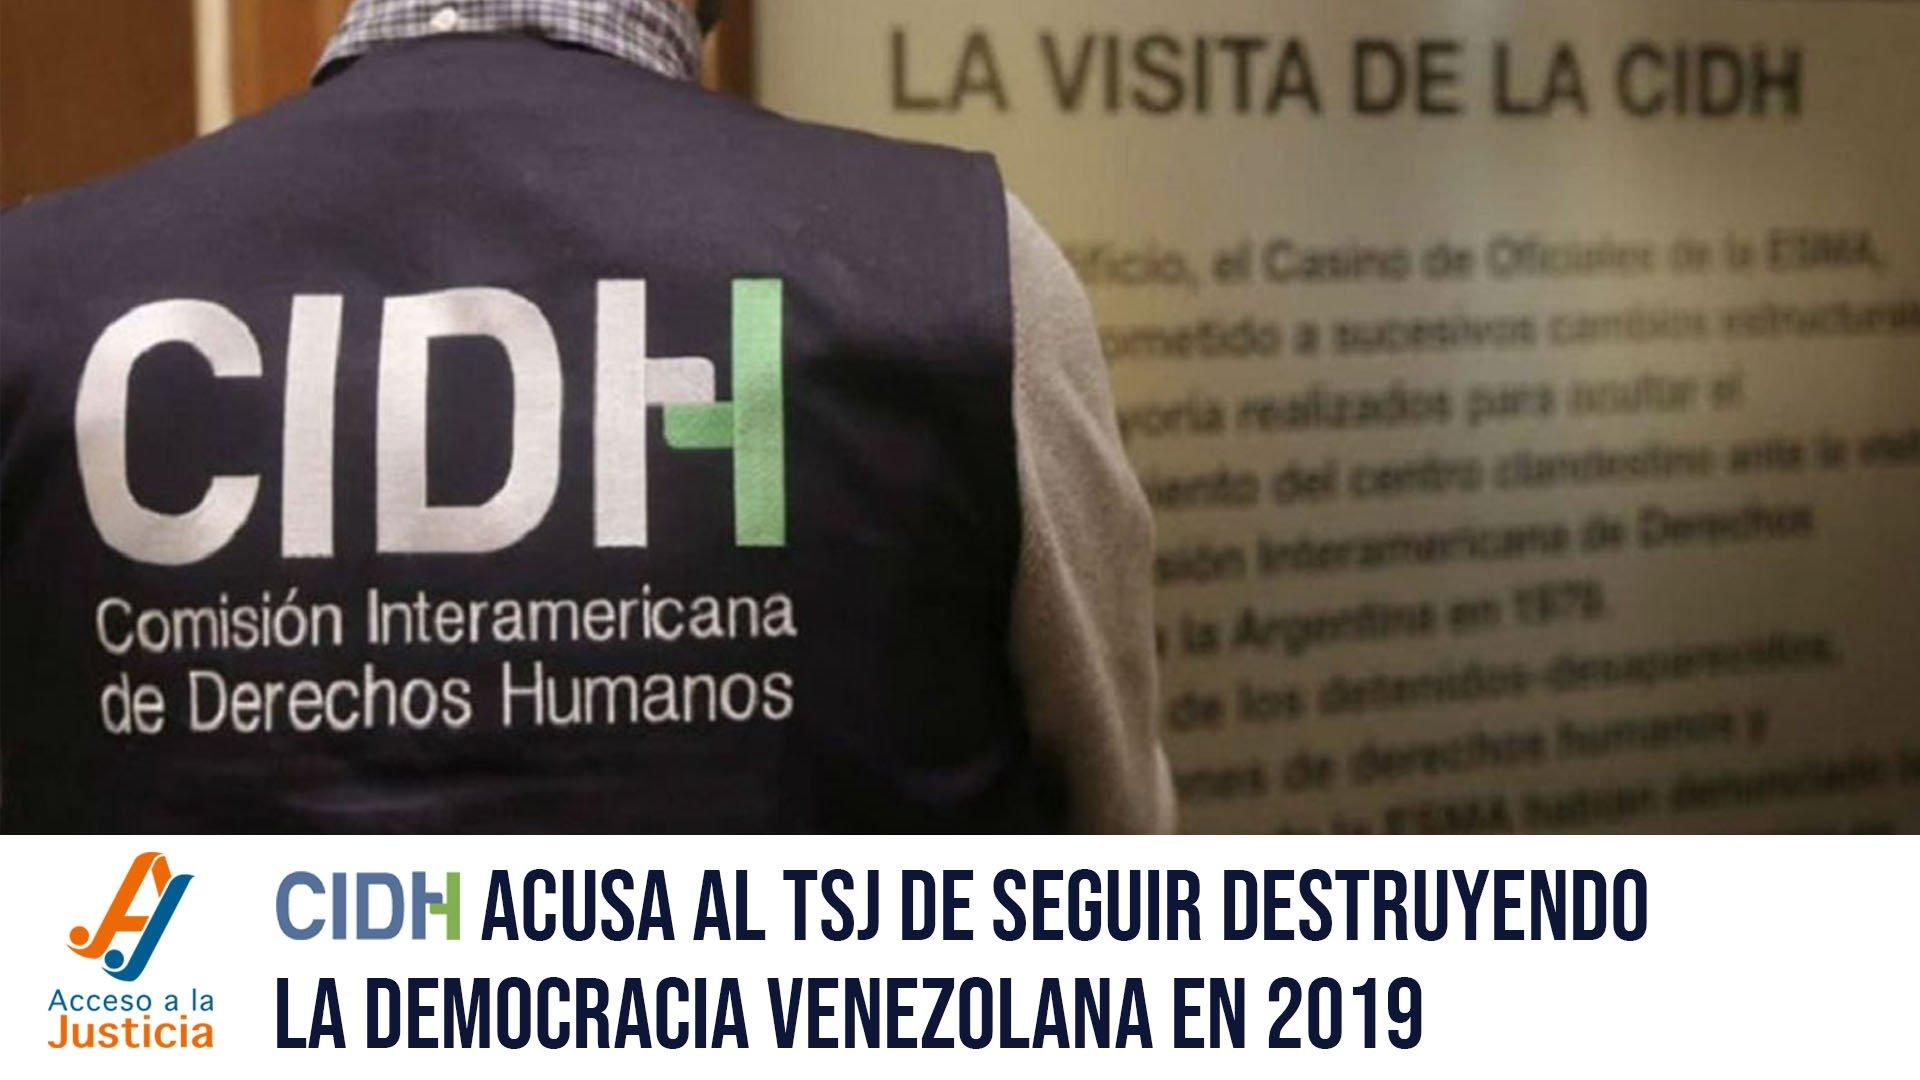 La CIDH acusa al TSJ de seguir destruyendo la democracia venezolana en 2019